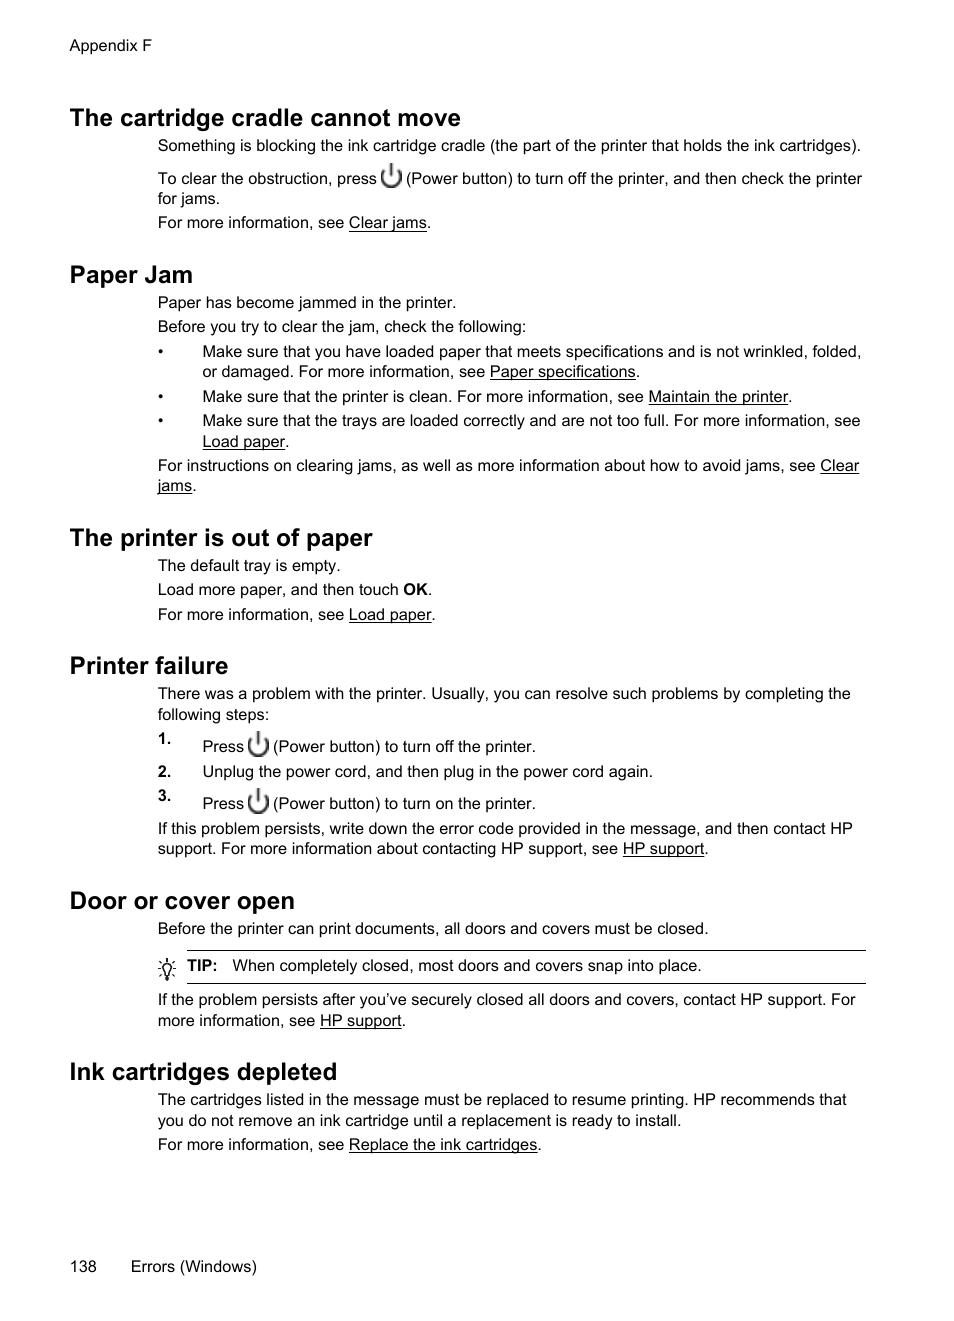 Hp Printer Error Depleted Cartridge